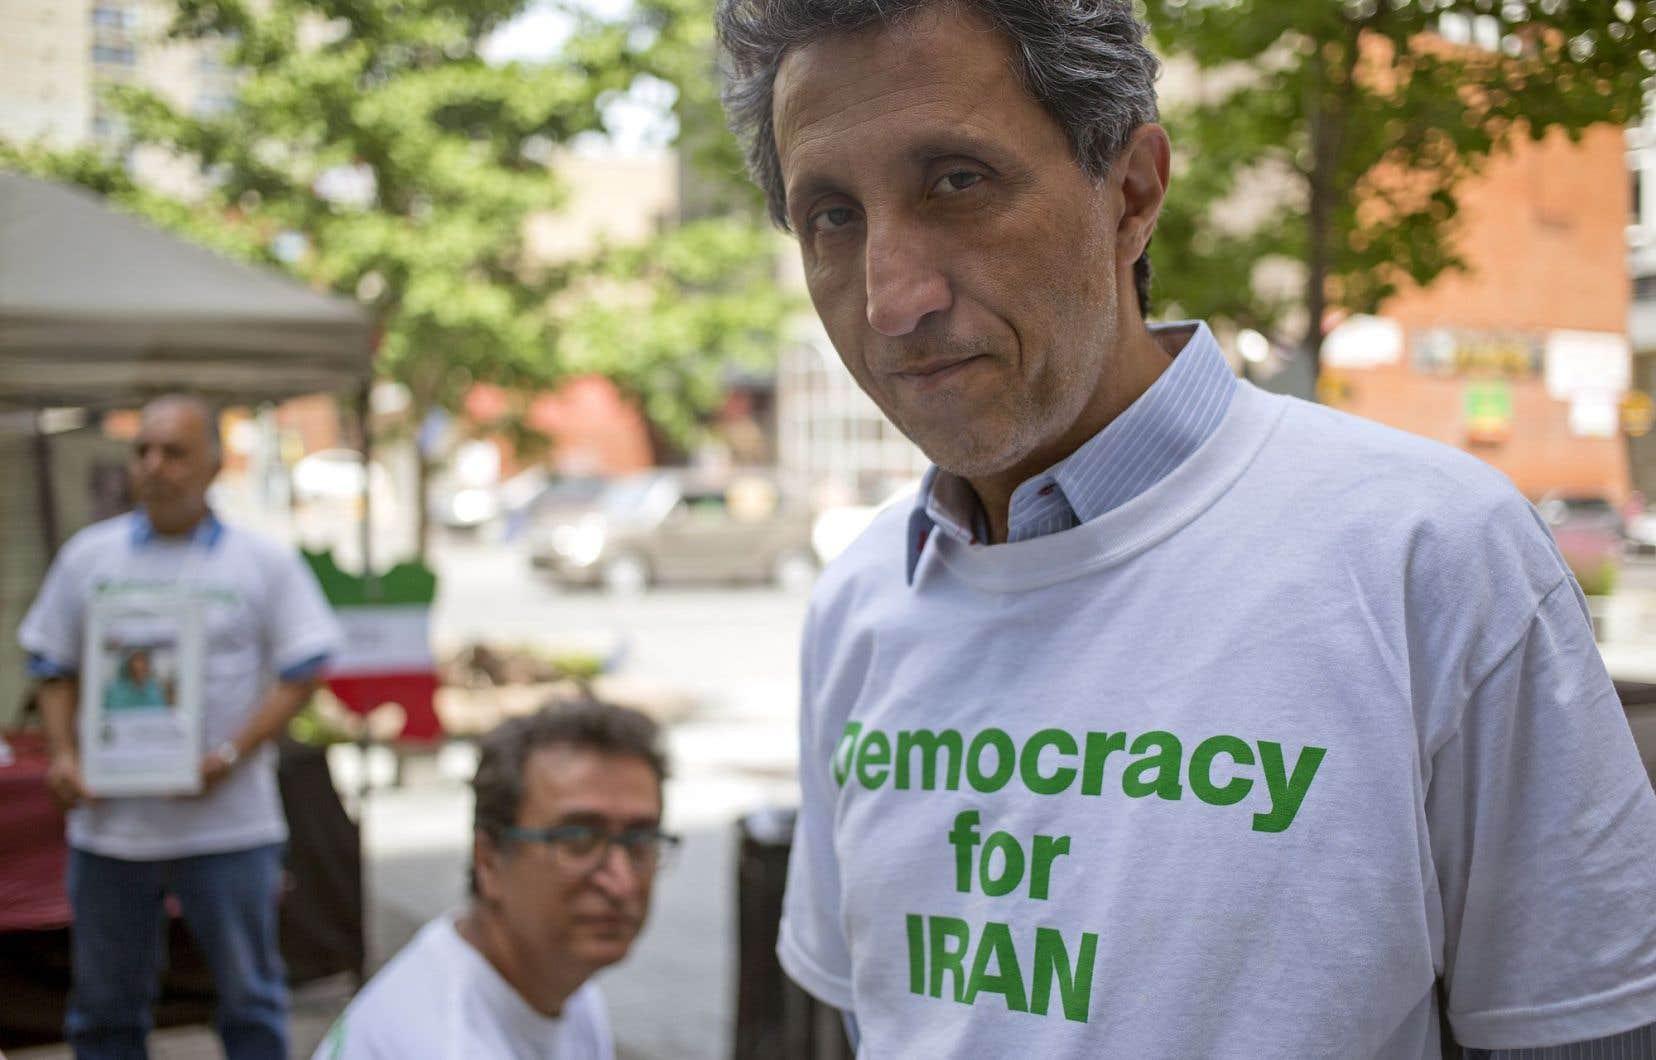 Le député Amir Khadir souhaite que les dirigeants politiques fassent pression sur les autorités iraniennes pour libérer Mme Hoodfar.